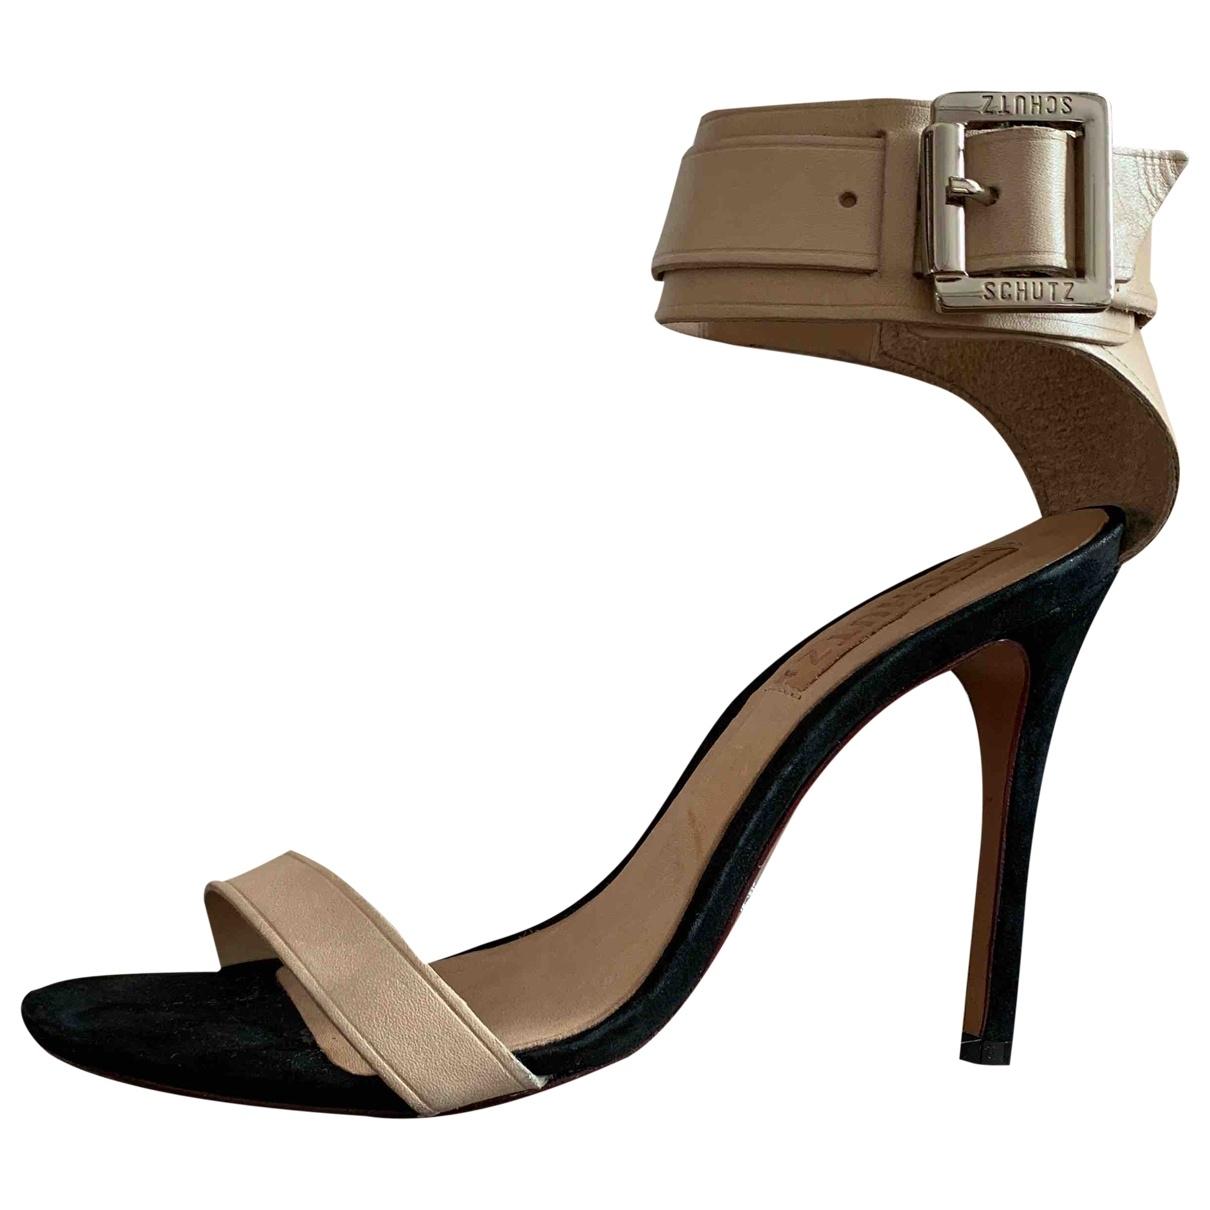 Schutz - Sandales   pour femme en cuir - beige